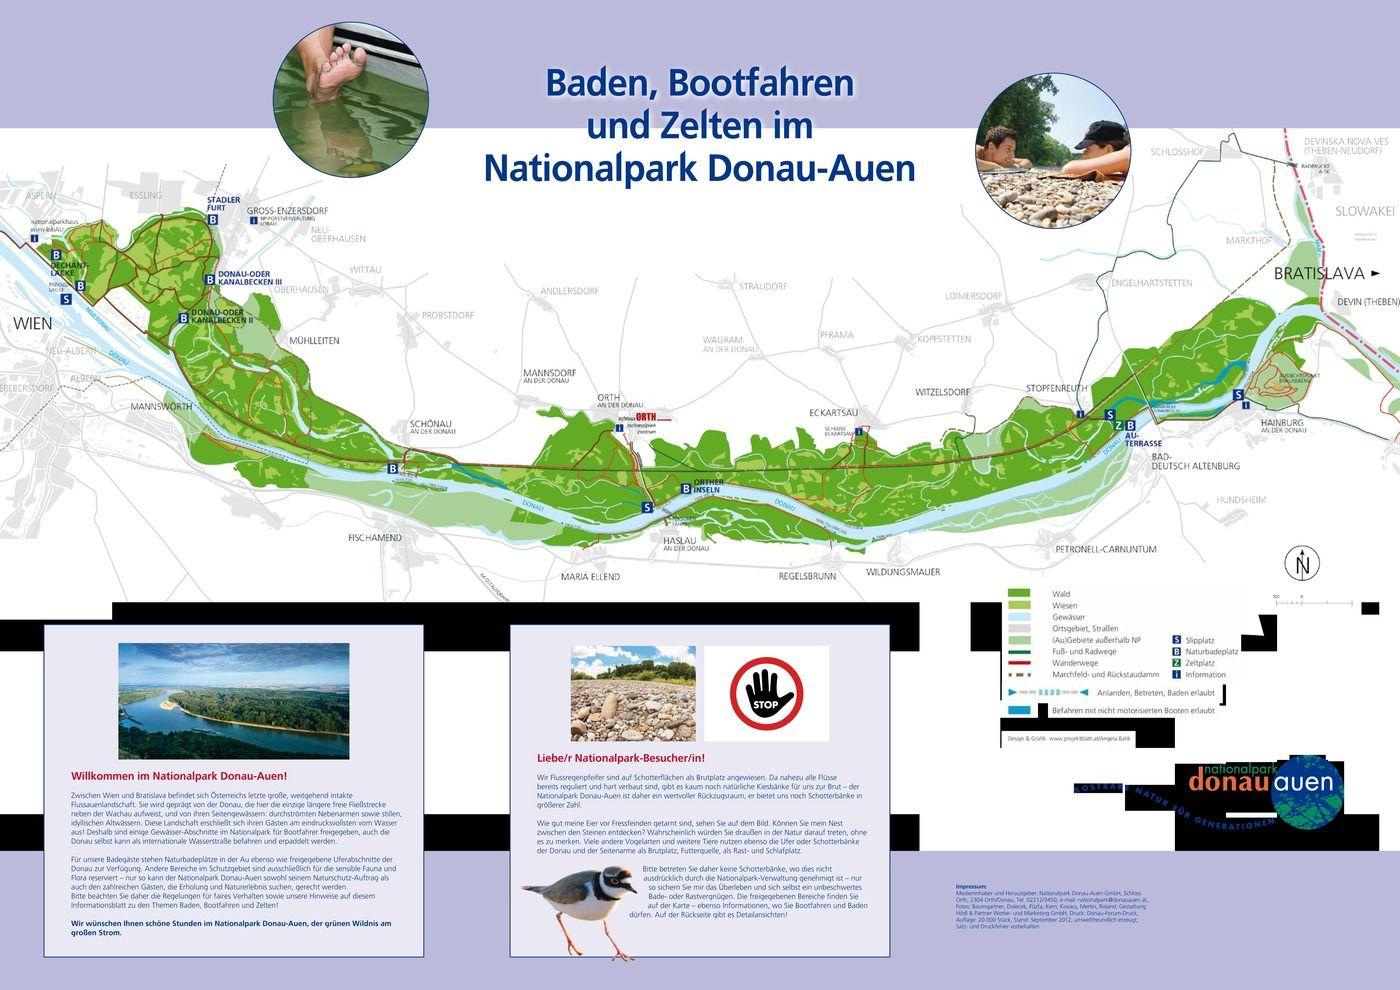 BERGFEX Sehenswürdigkeiten Nationalpark Donau Auen Wien